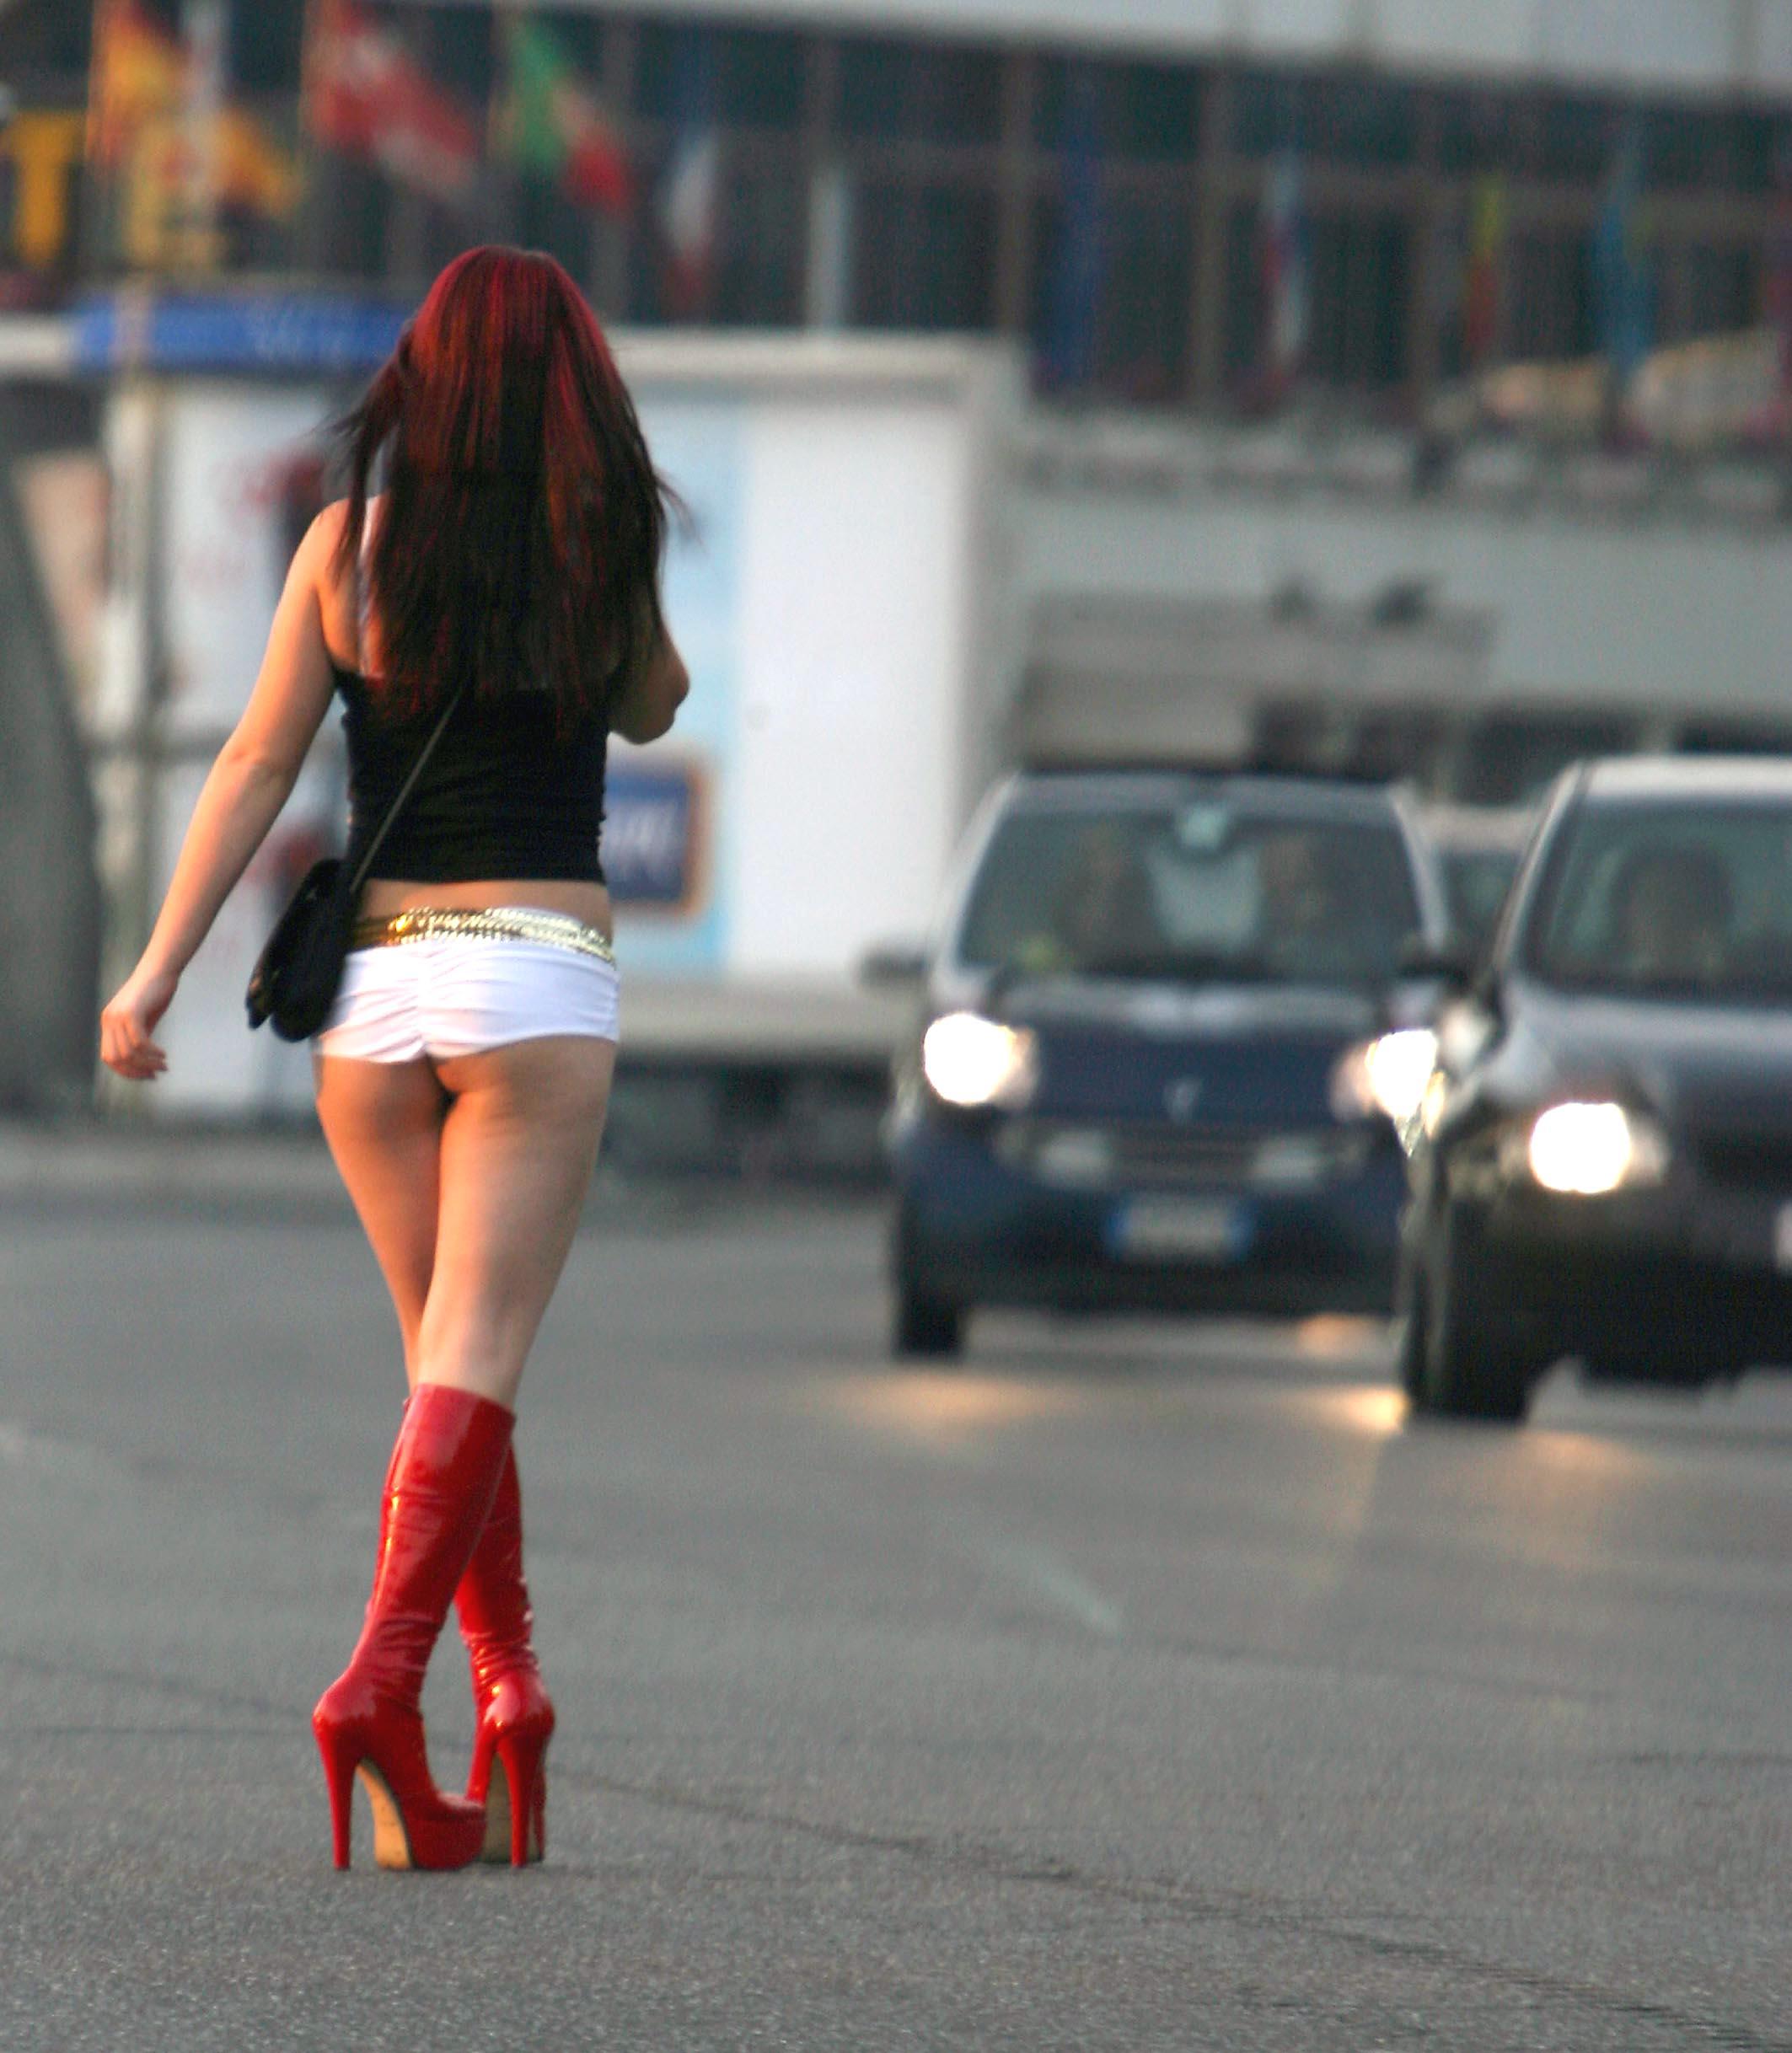 significato di sesso prostituta